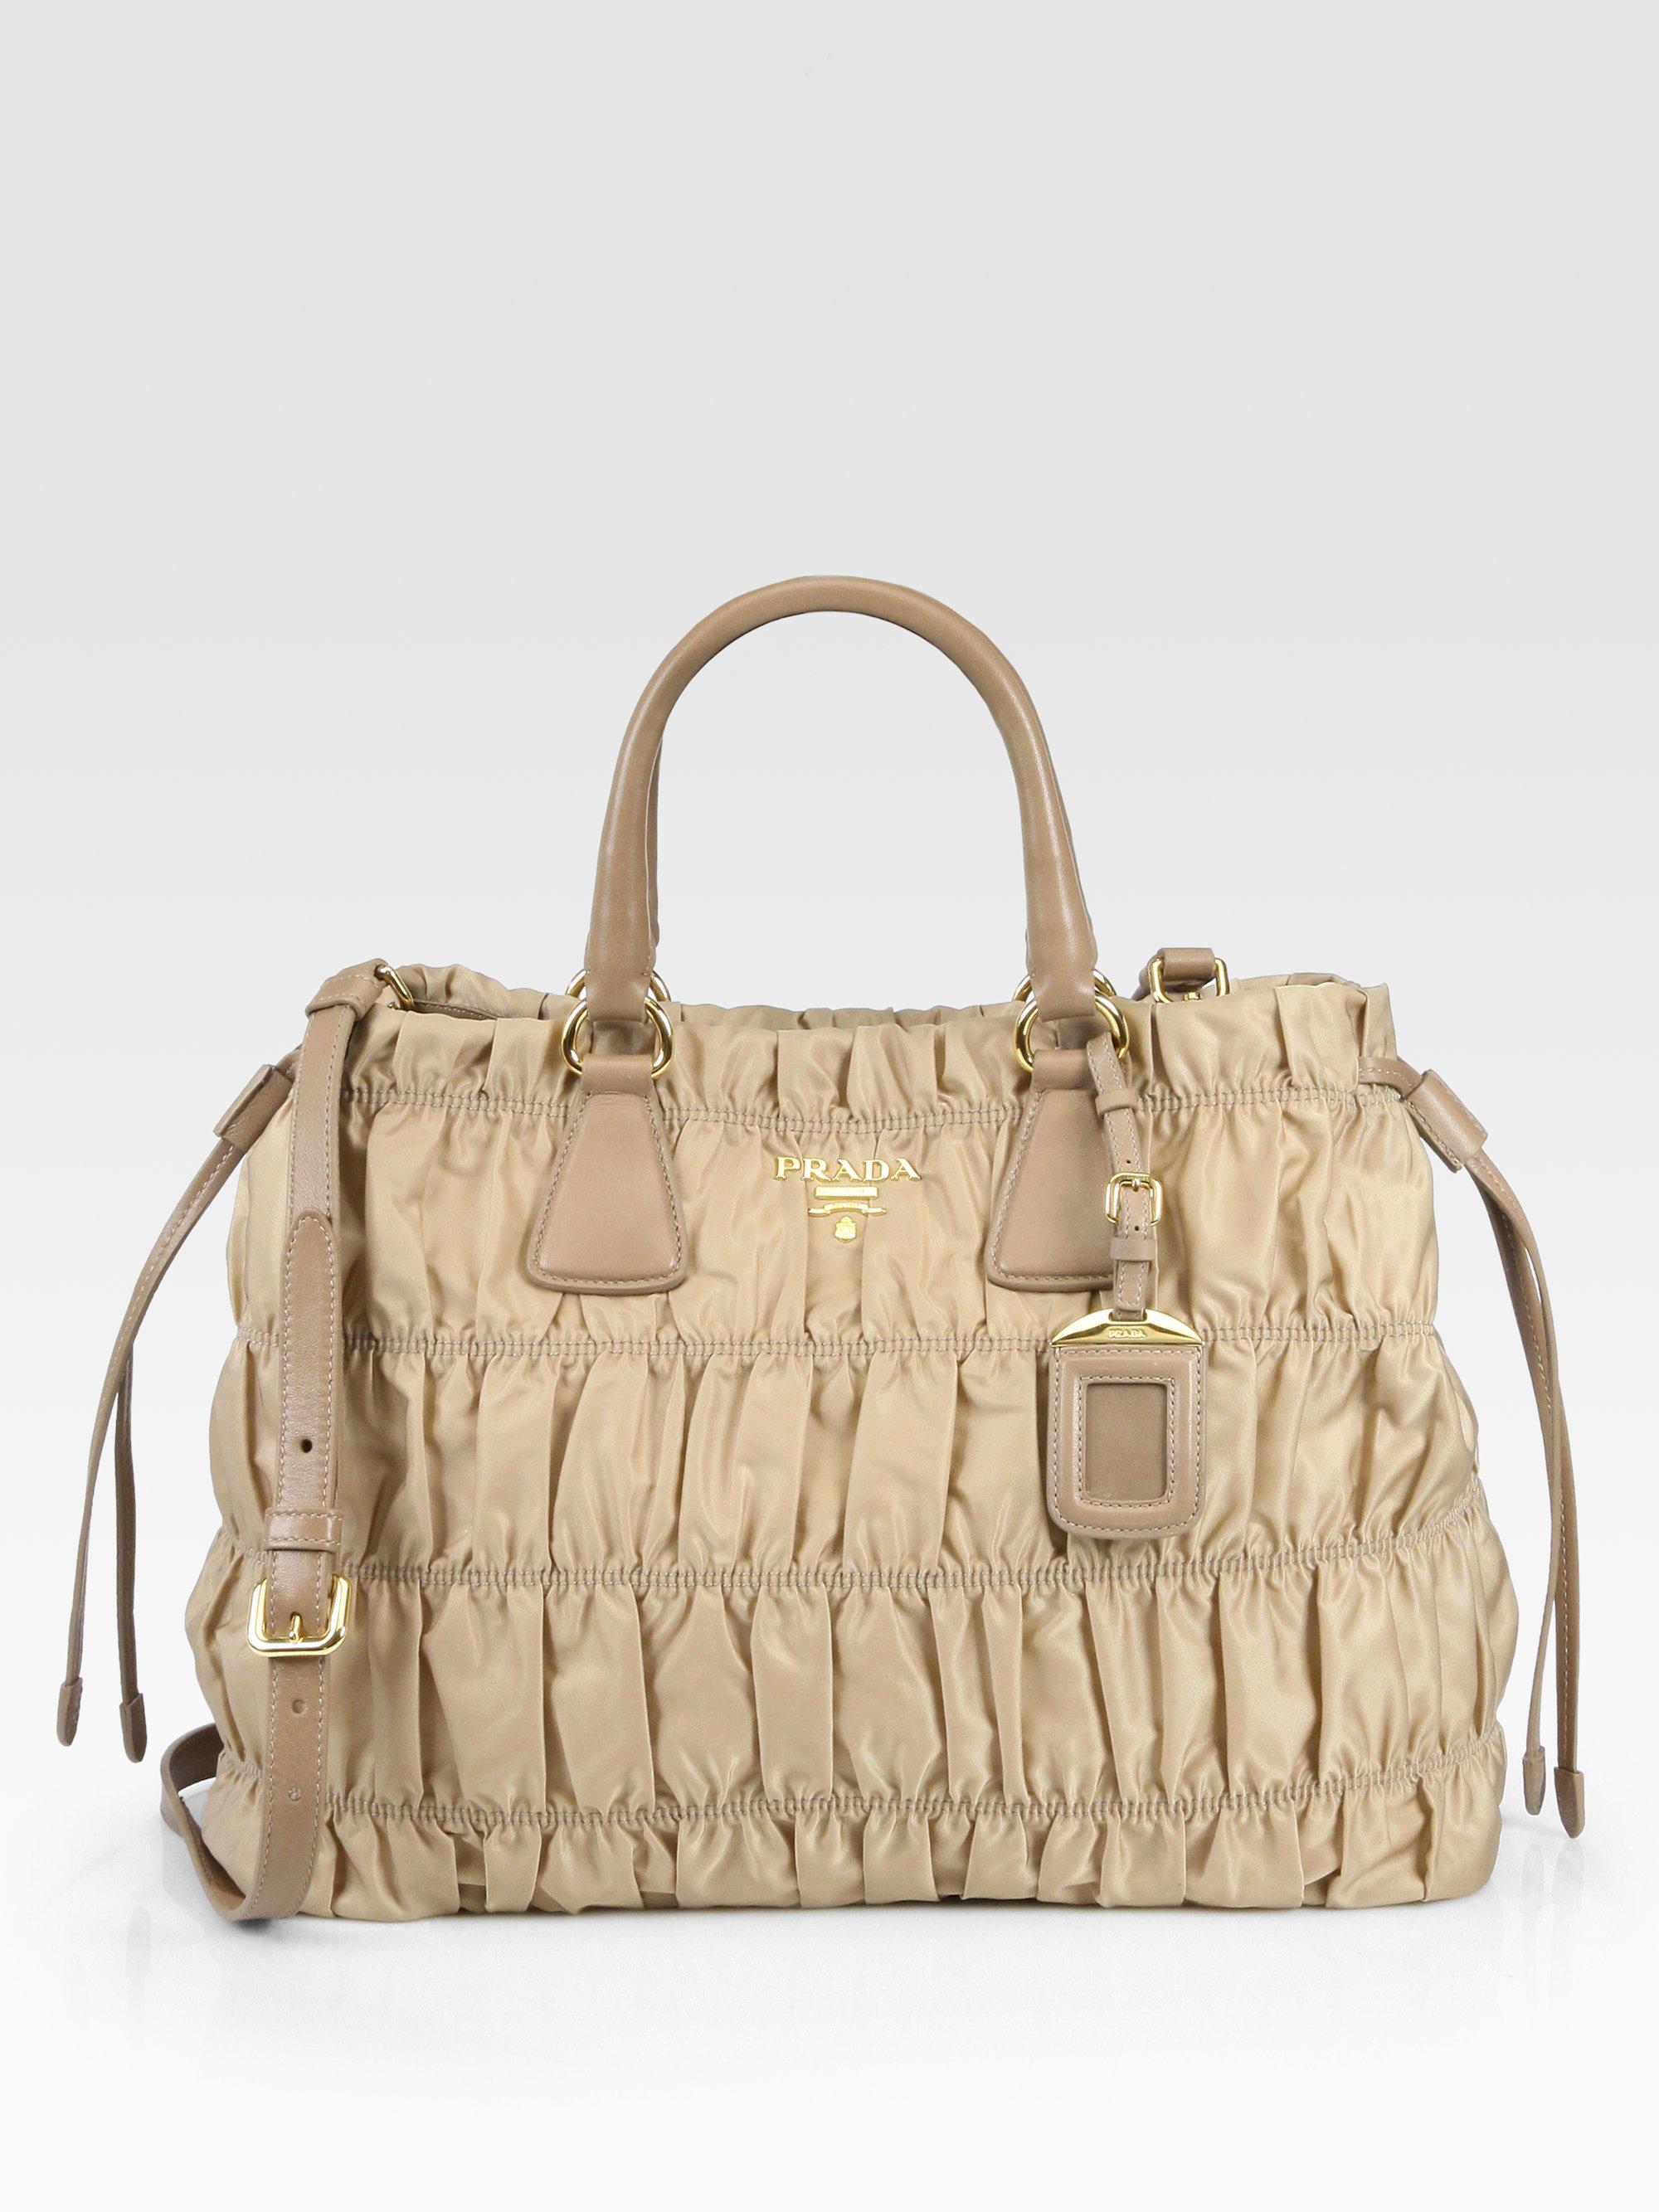 Prada Tessuto Gaufre Tote Bag in Beige (camel) | Lyst